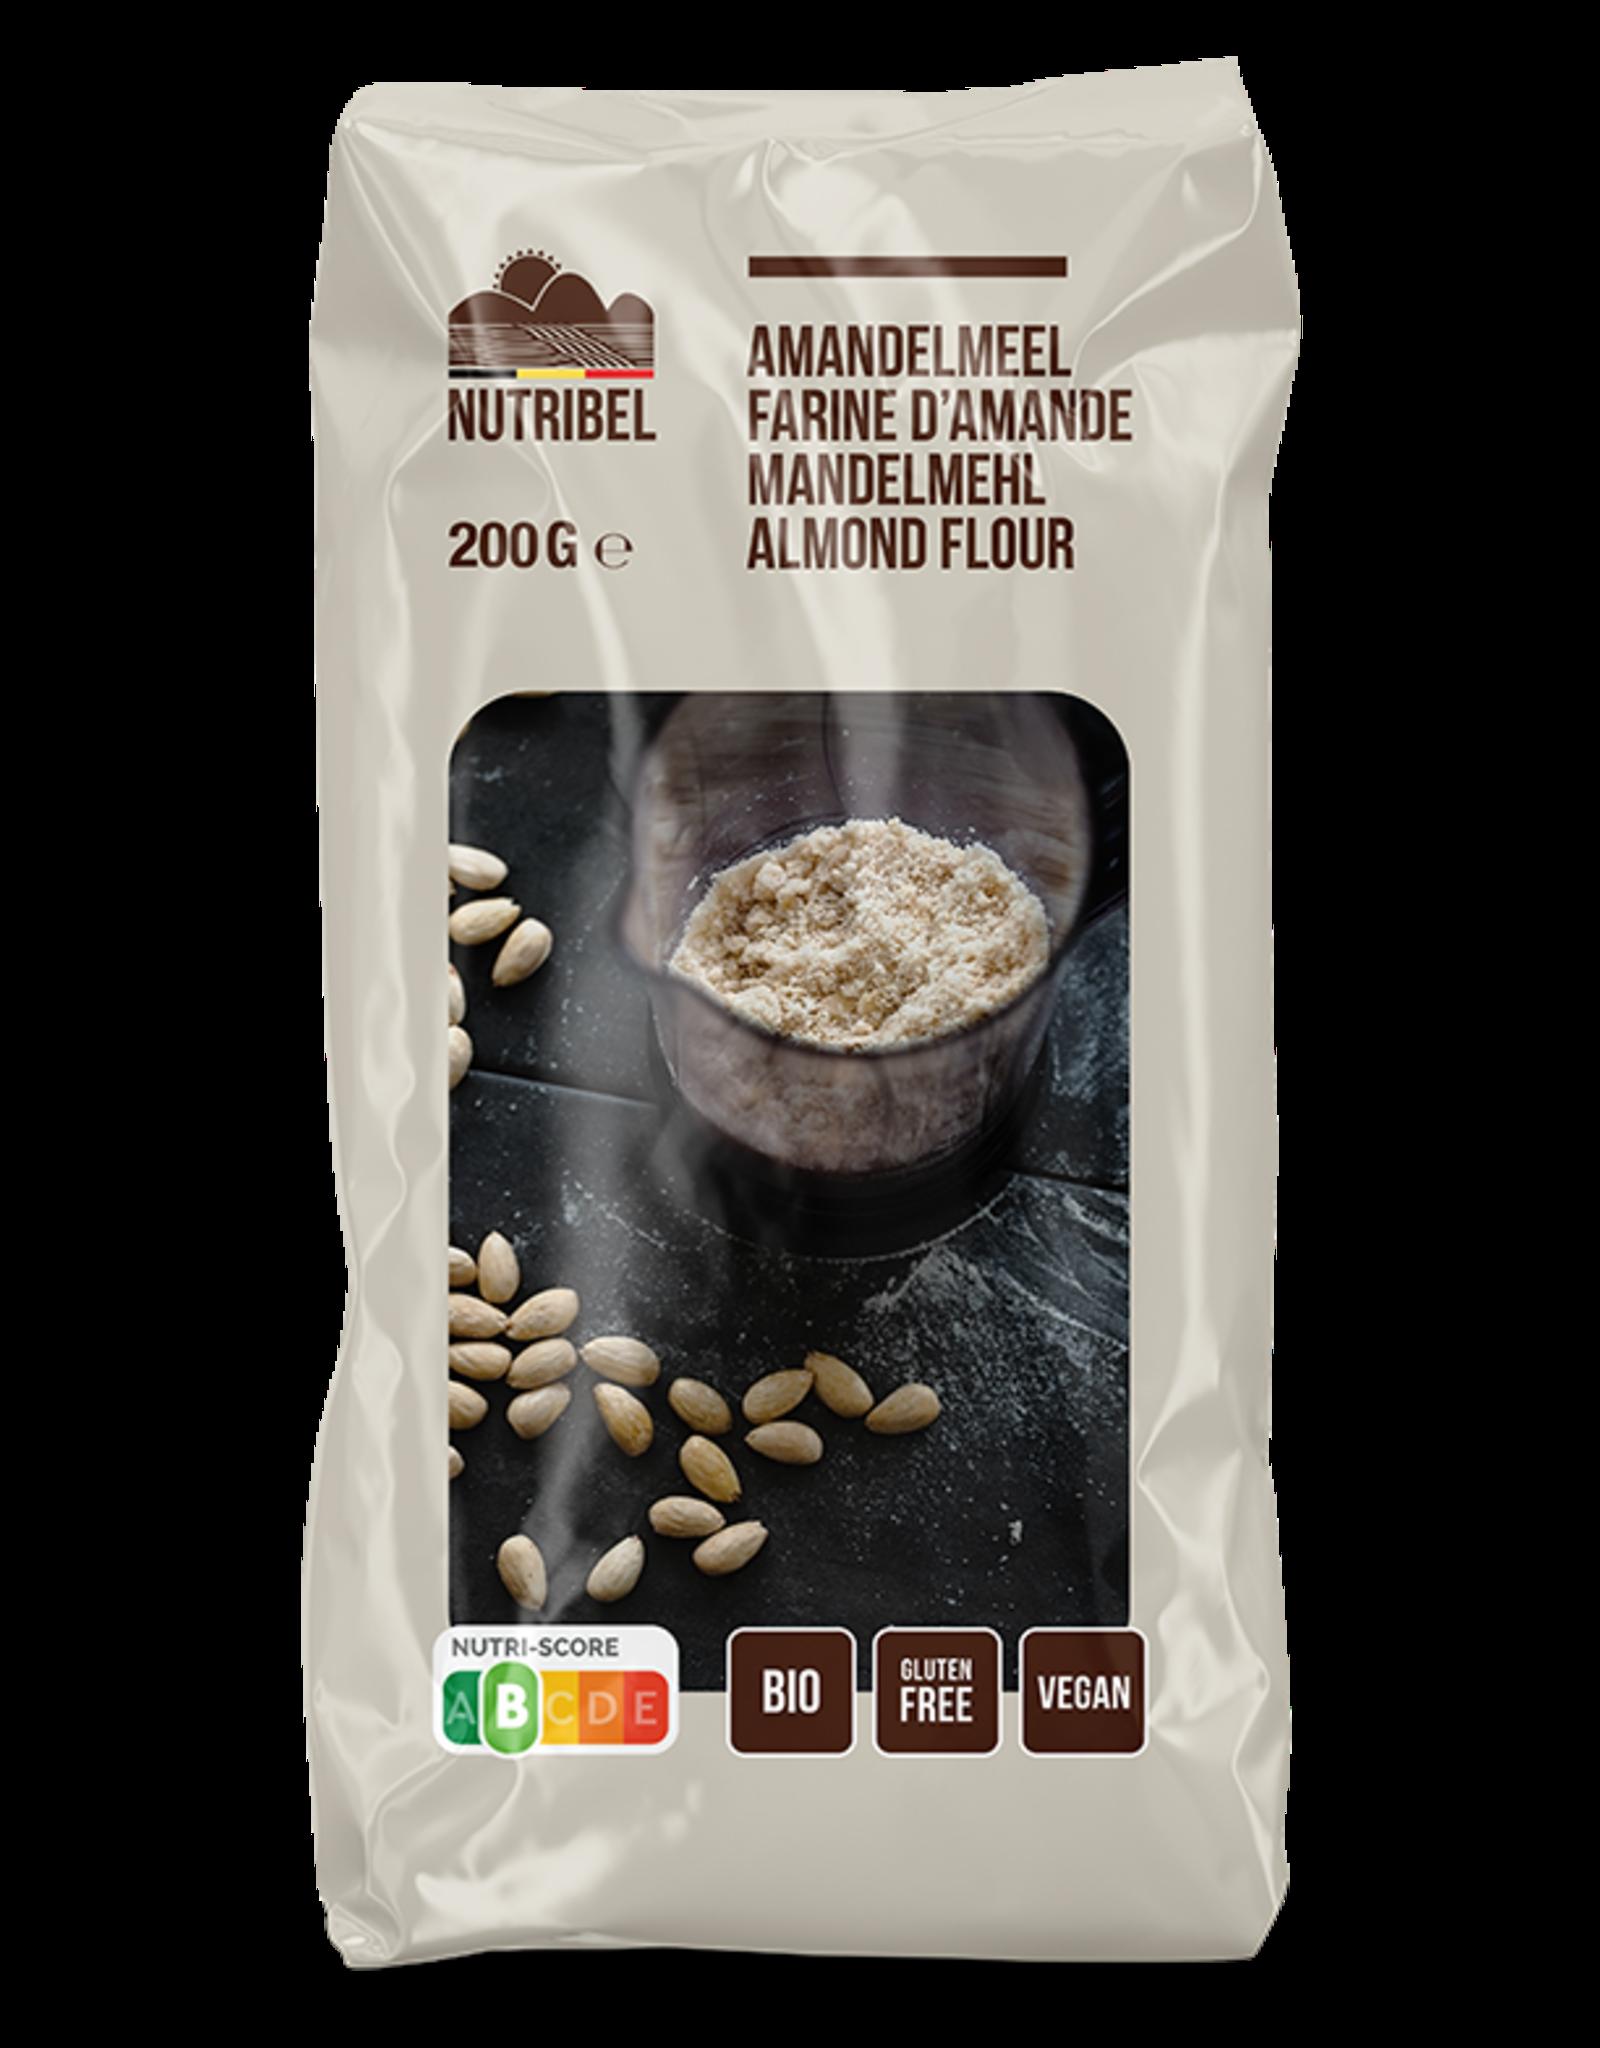 Nutribel Amandelmeel bio & glutenvrij 200g